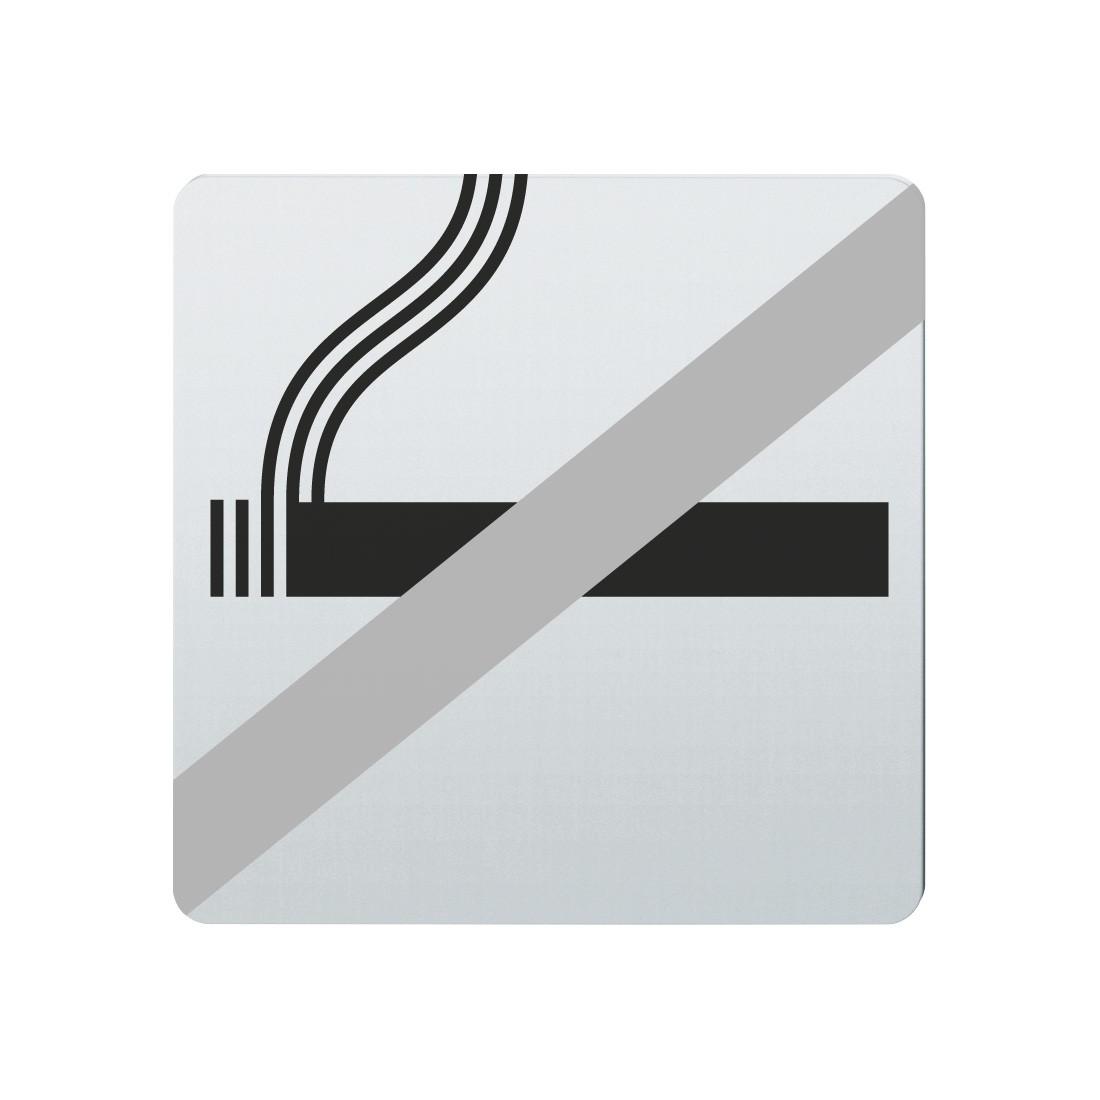 FSB Hinweiszeichen Rauchen verboten Lasergraviert Edelstahl fein matt (0 36 4059 00030 6204)